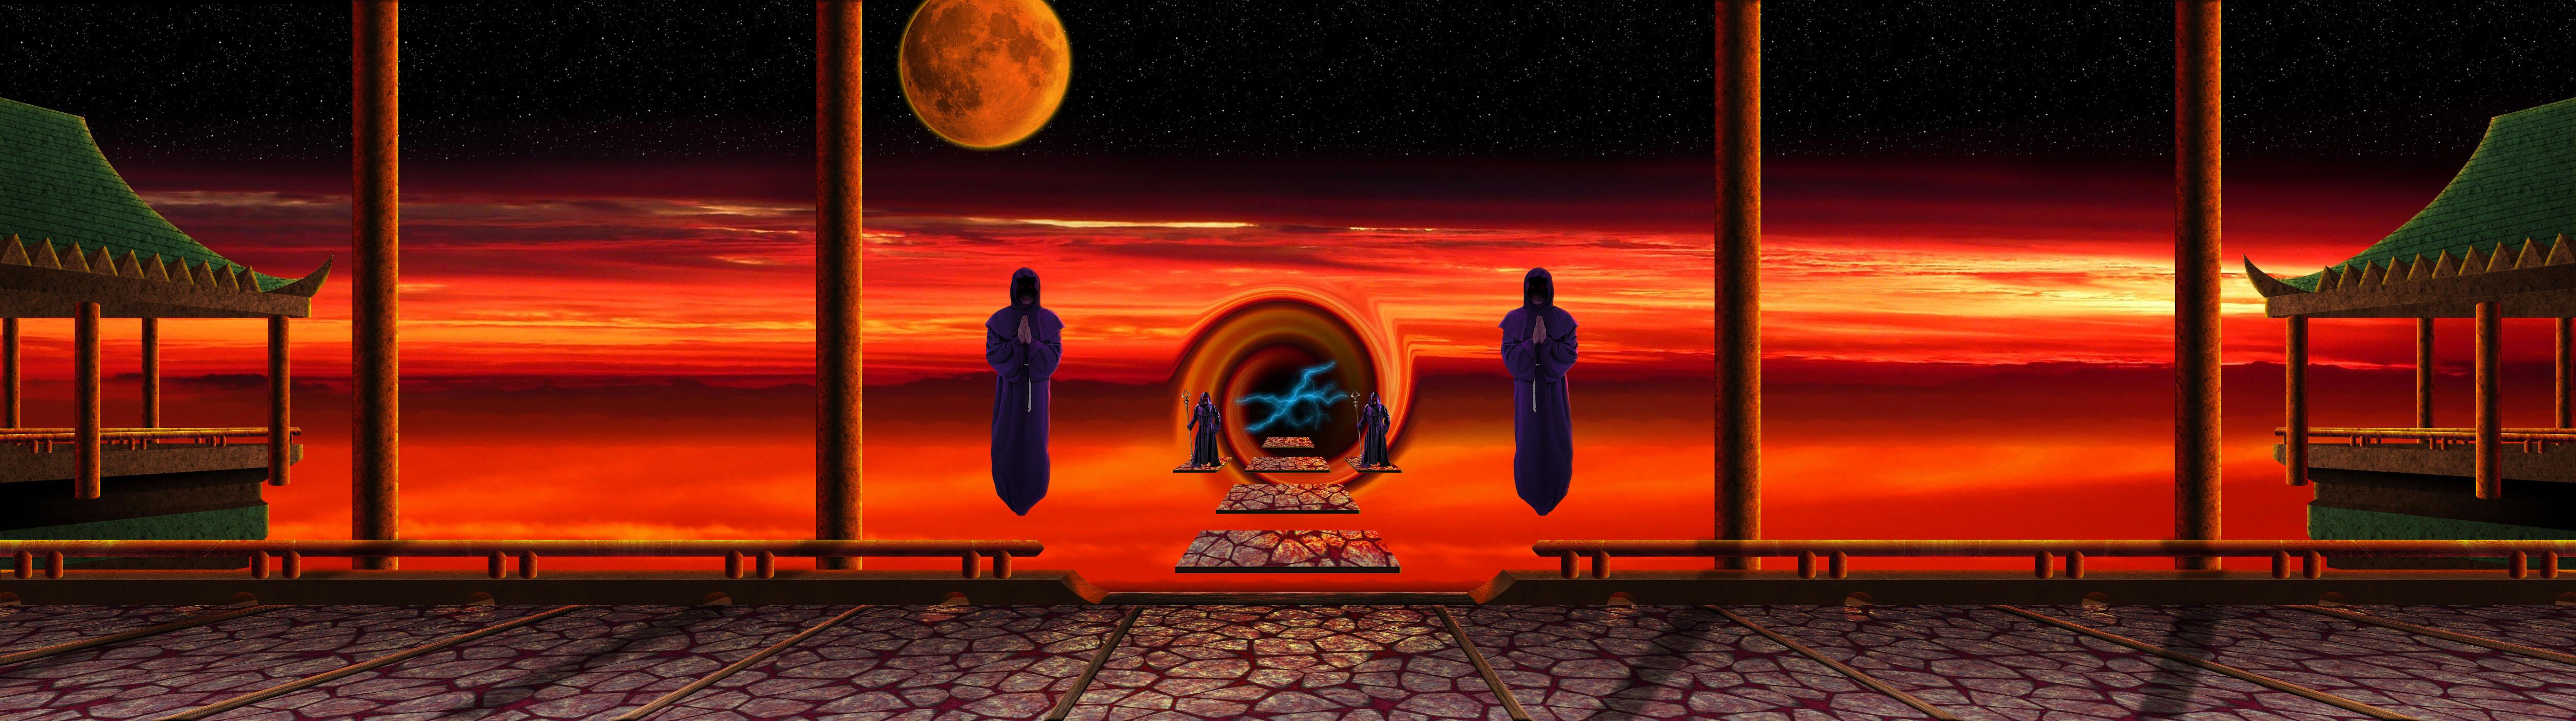 Mortal Kombat | Euro Palace Casino Blog